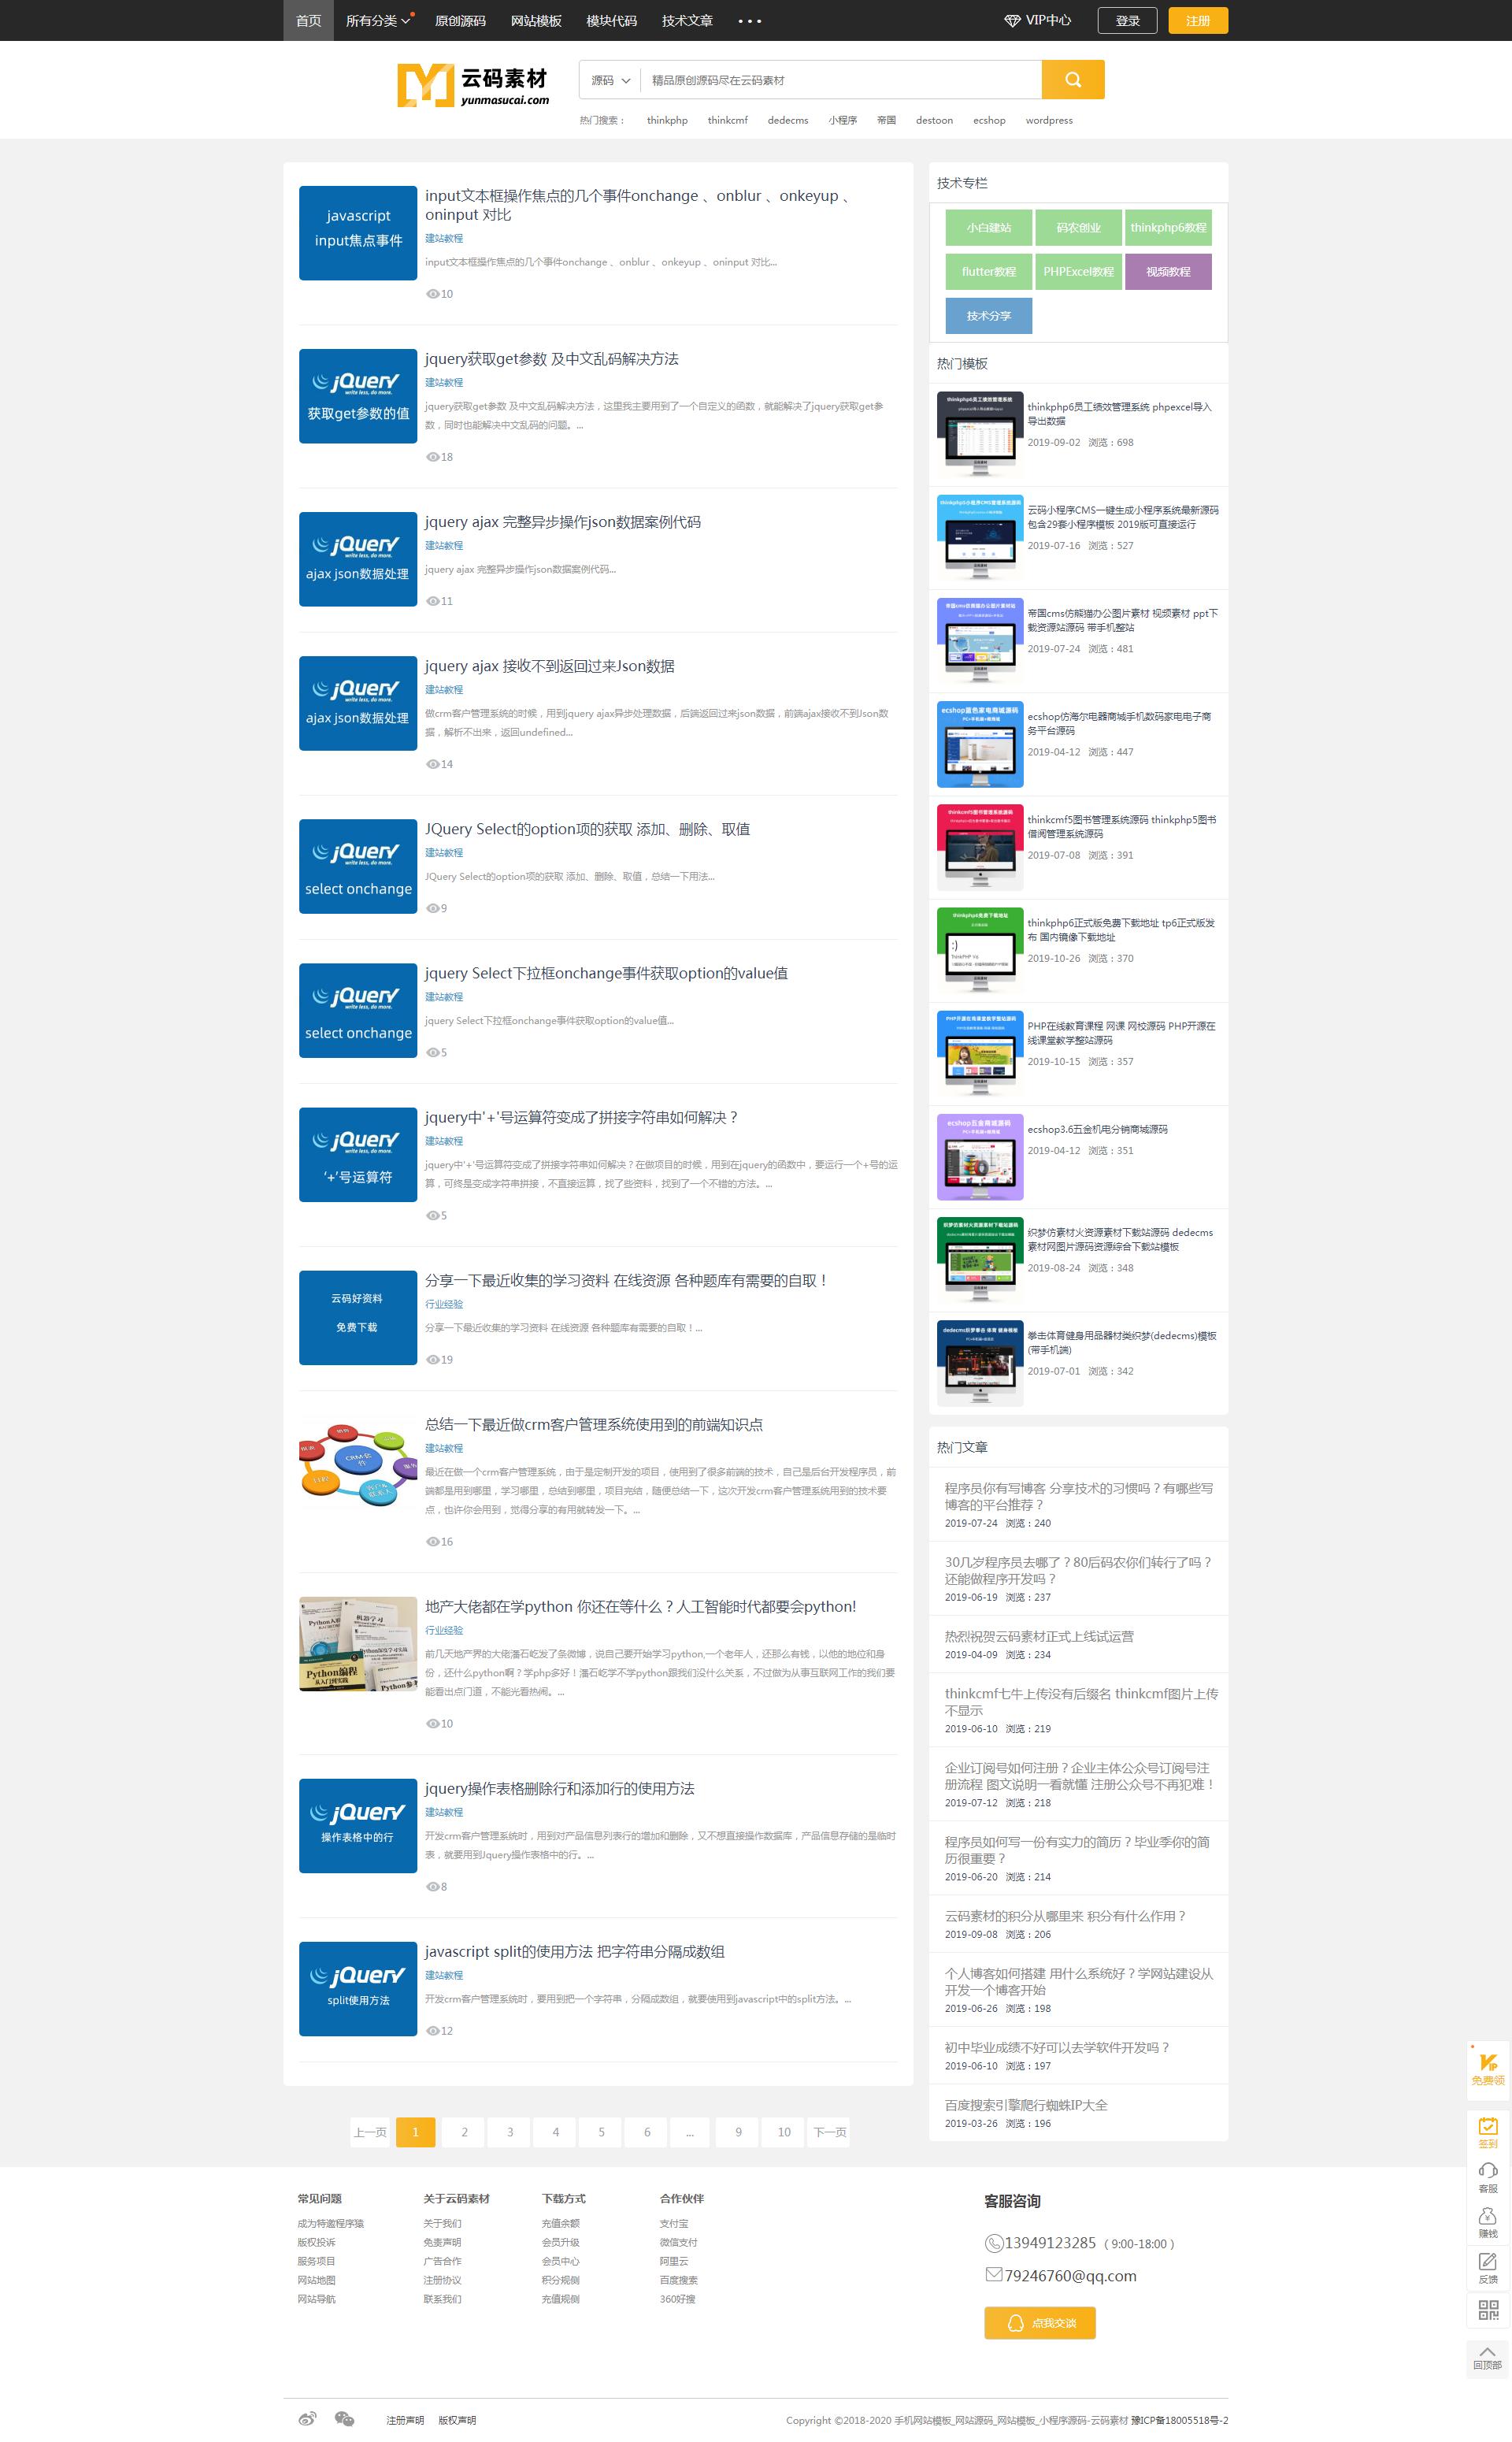 thinkphp5商业源码下载站 模板下载 图片资源整站下载 网站素材 网站虚拟资源下载